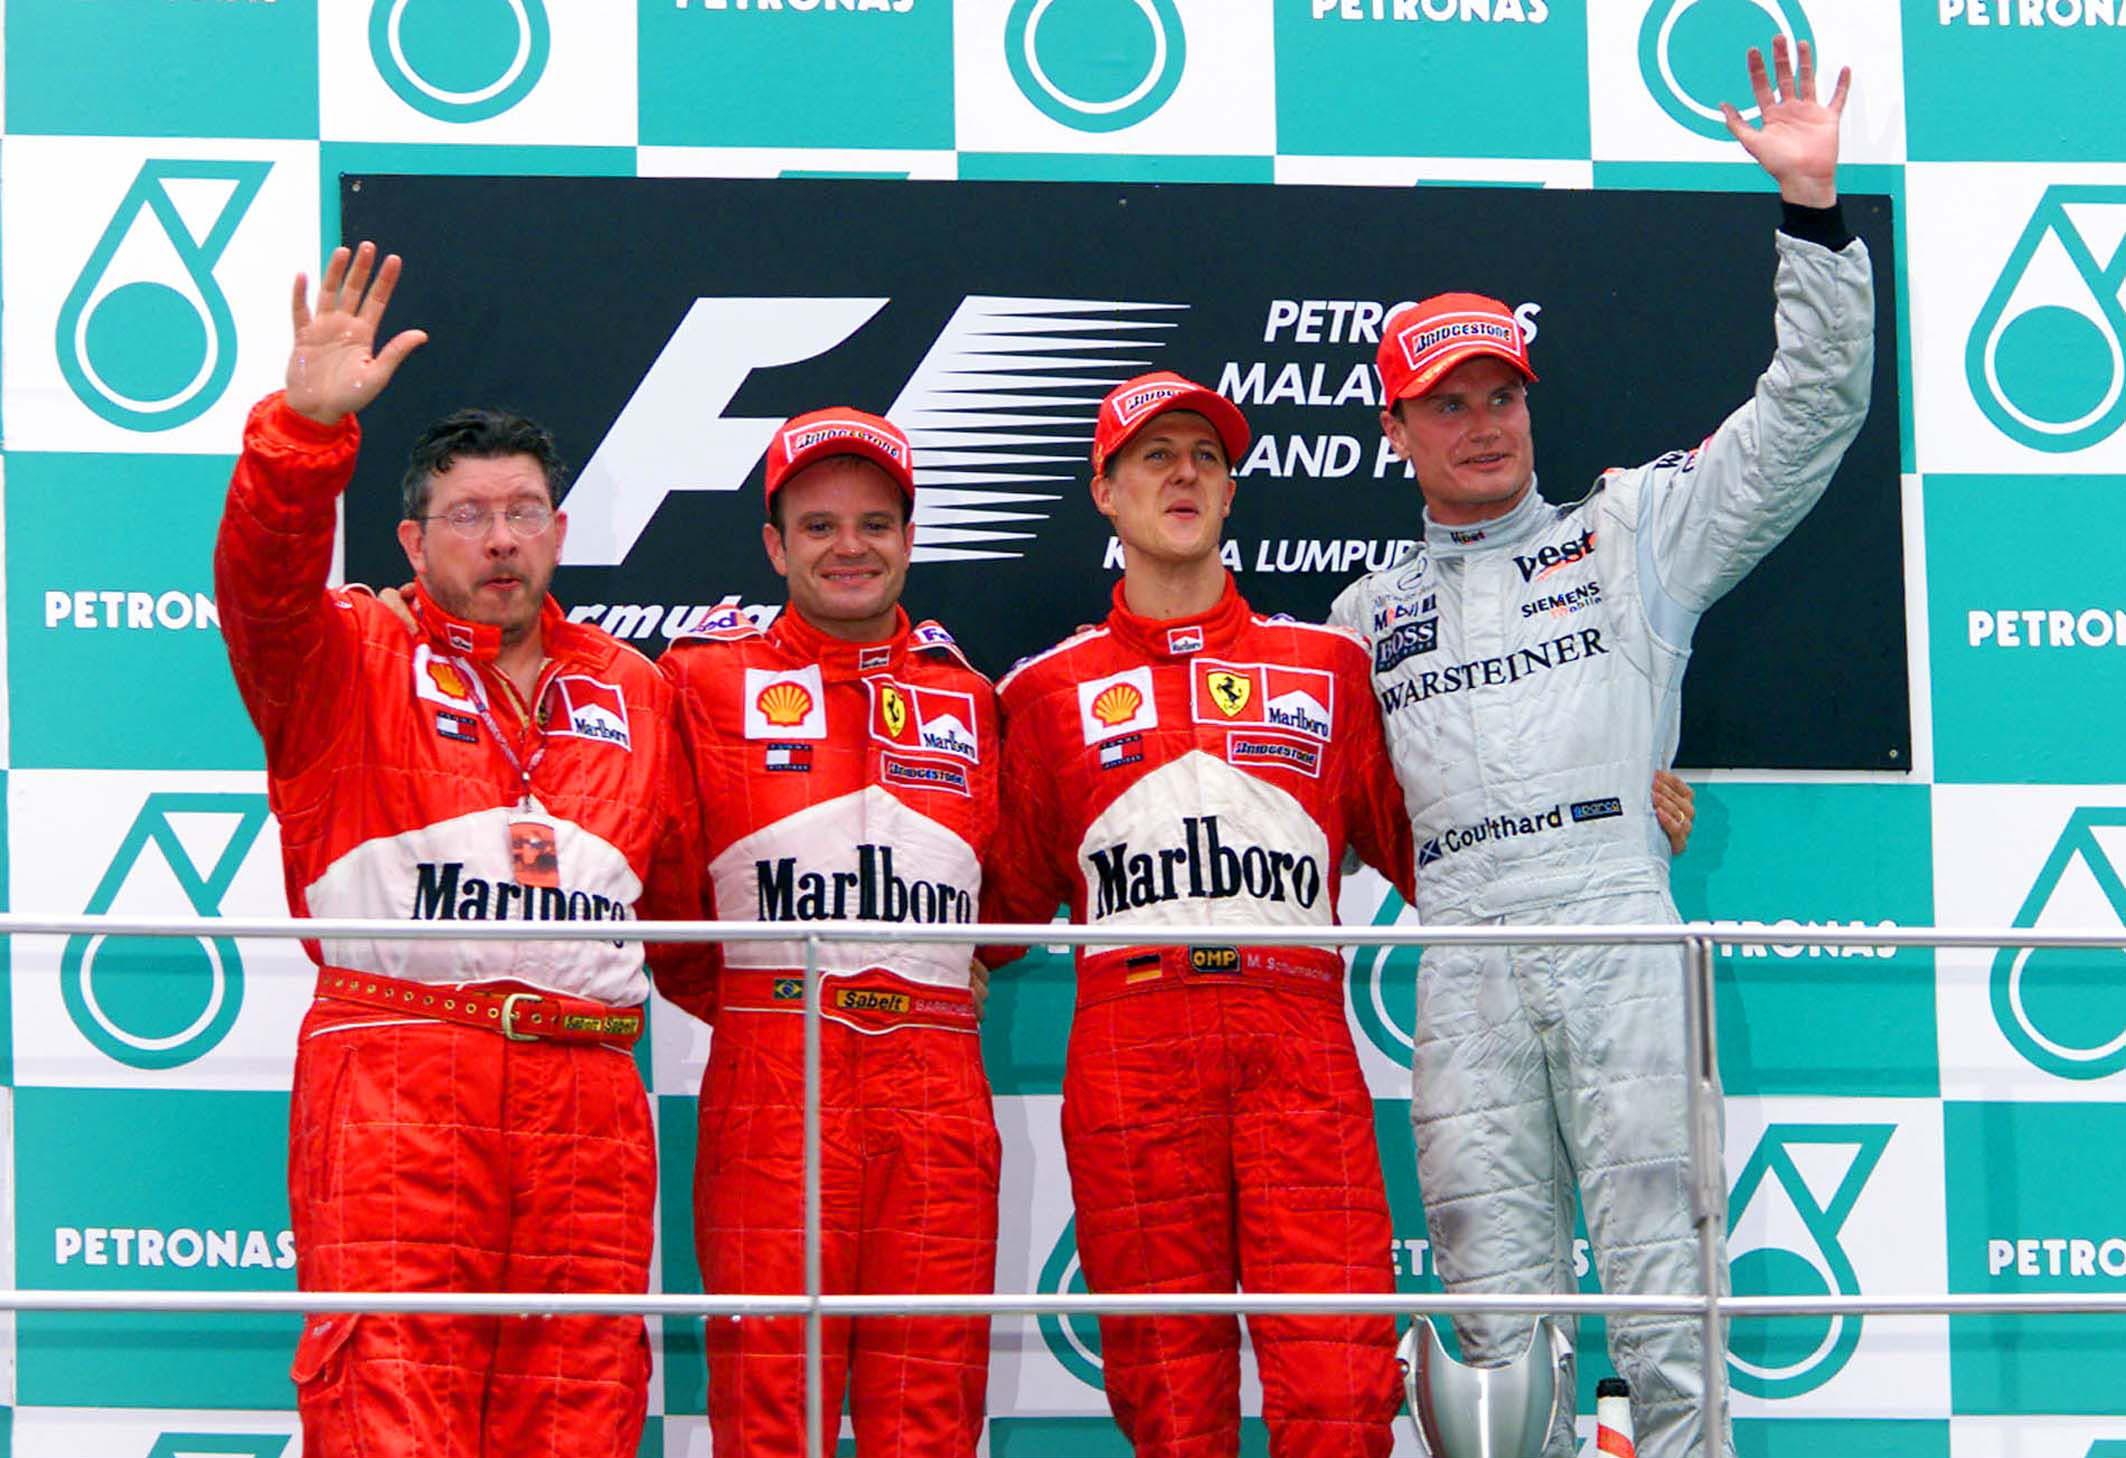 F1 2001, Malaysian GP podium